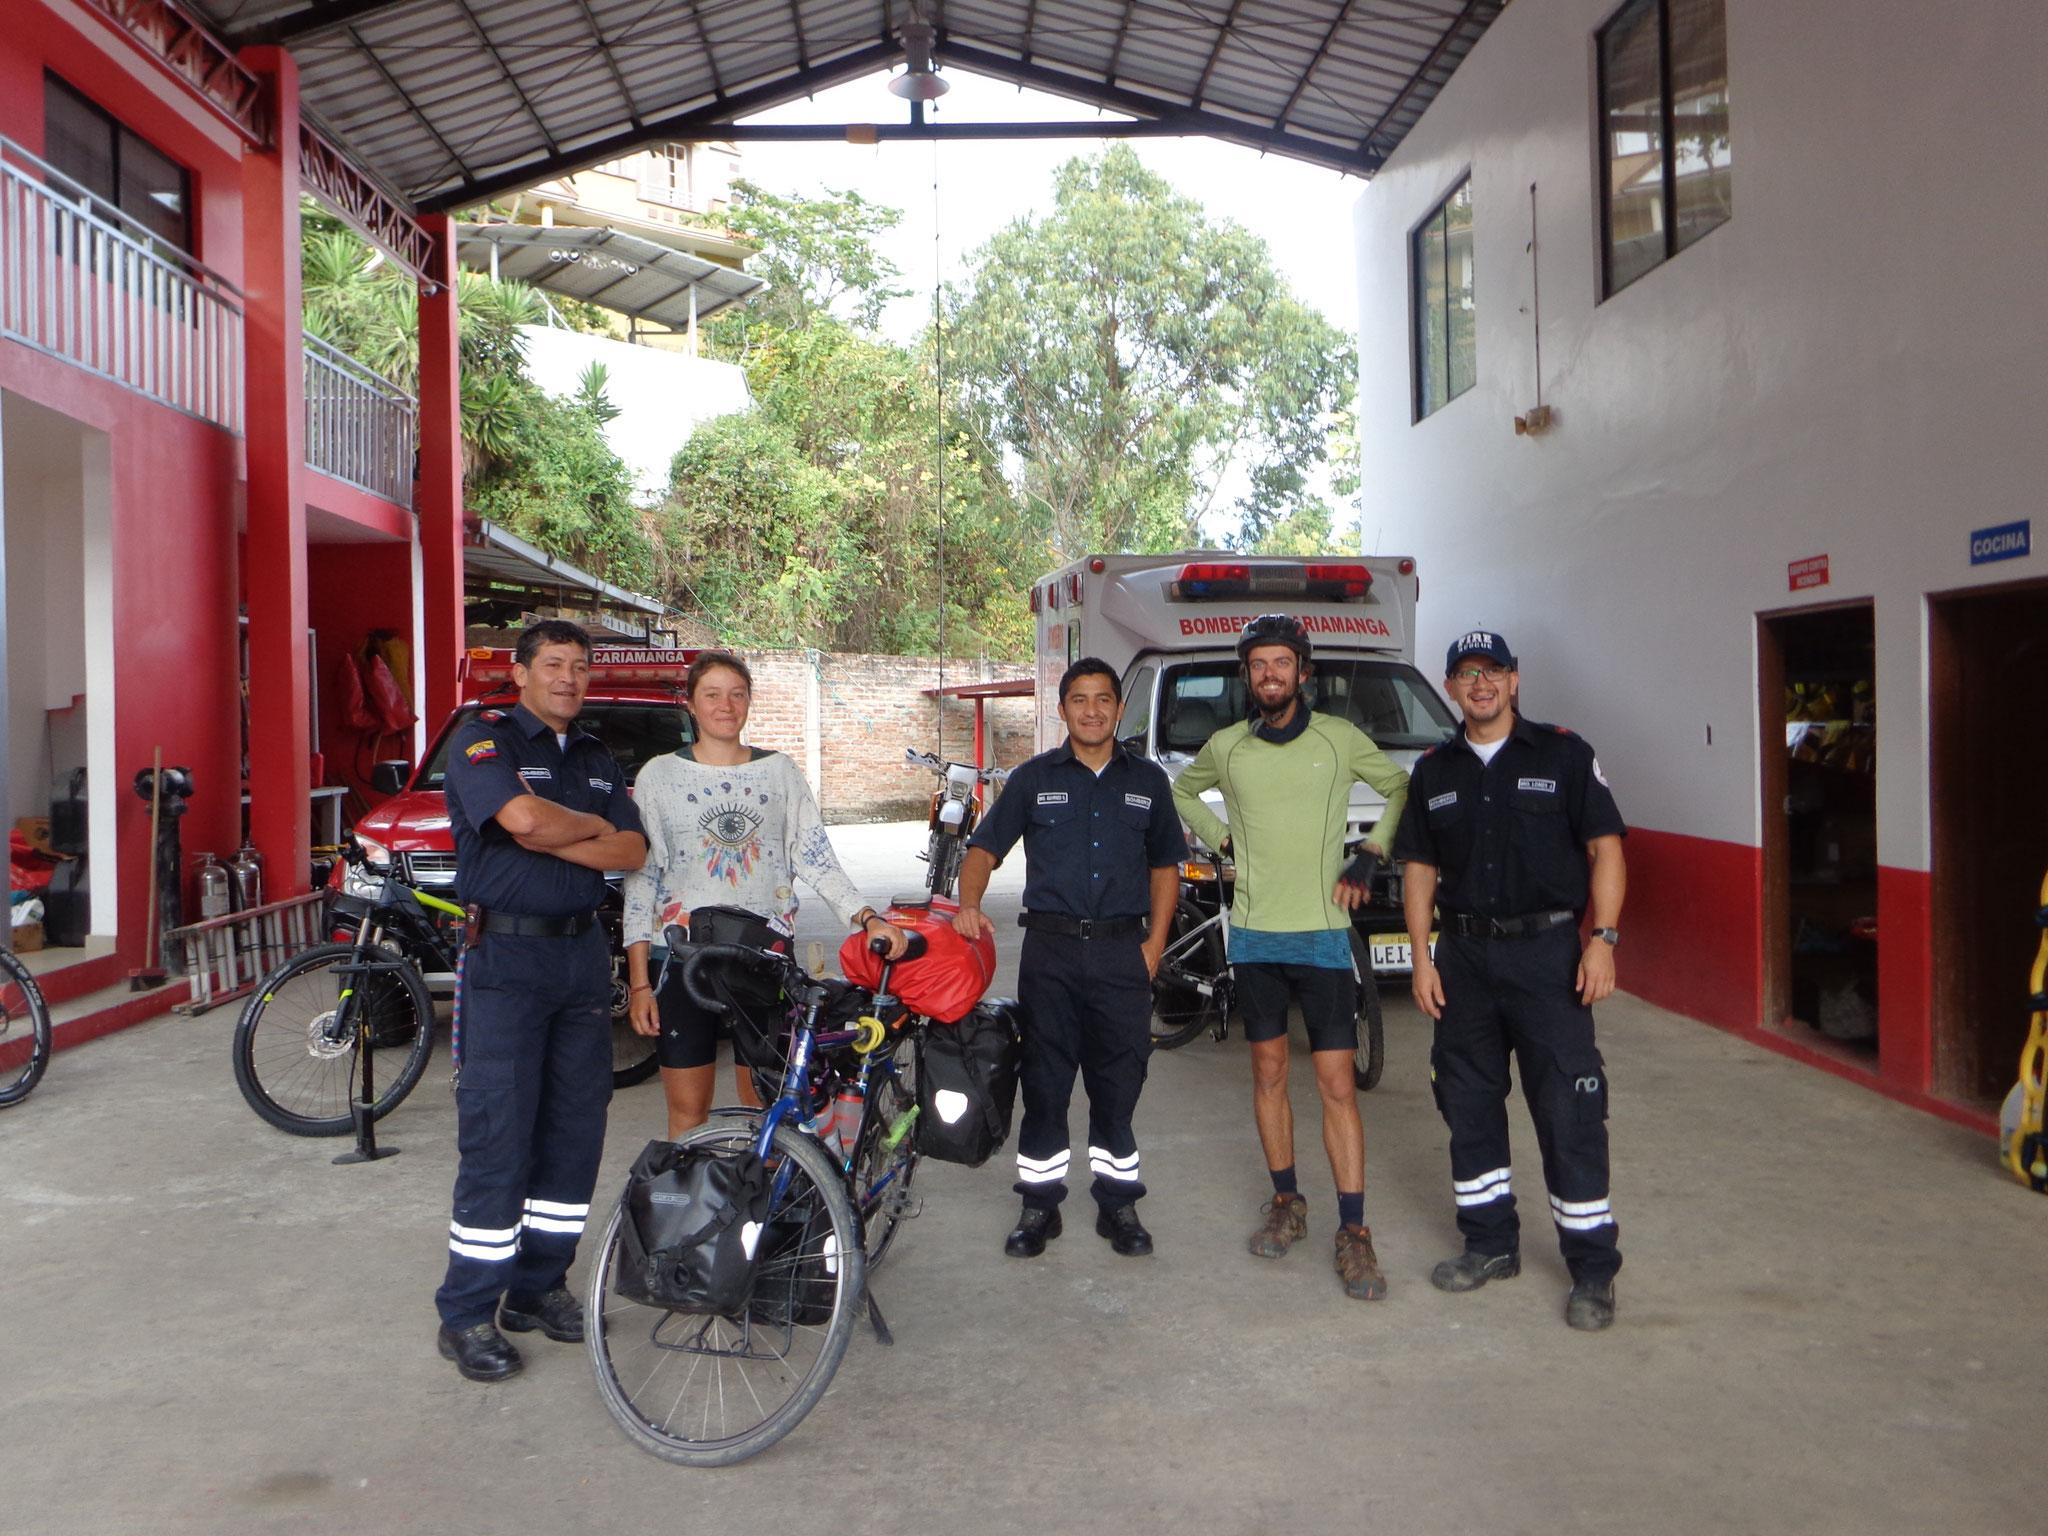 merci les pompiers pour l'hospitalite!